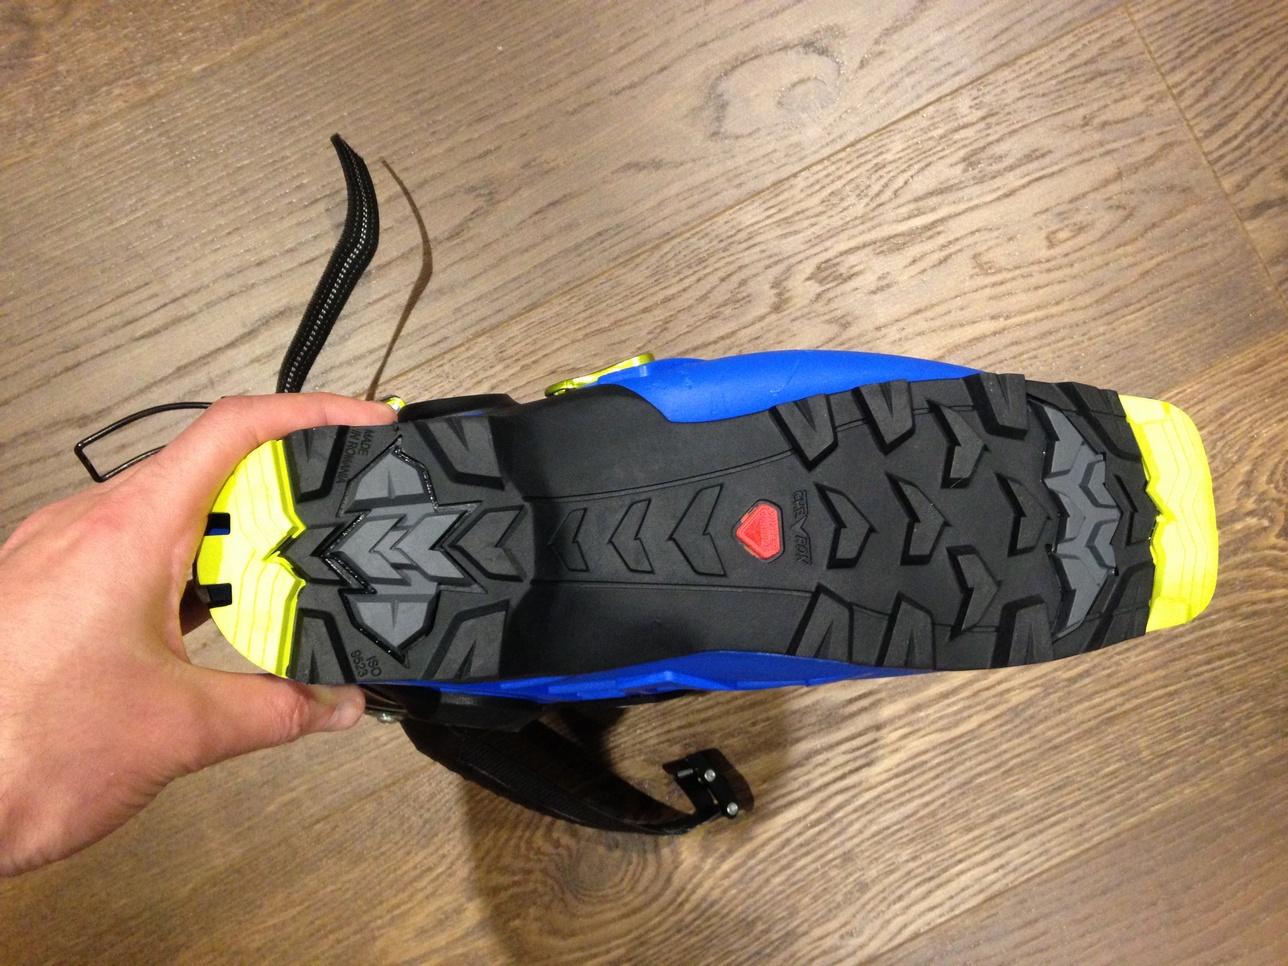 Chaussures Salomon – 2016 Mtn LabSki Test 4AcjqRL35